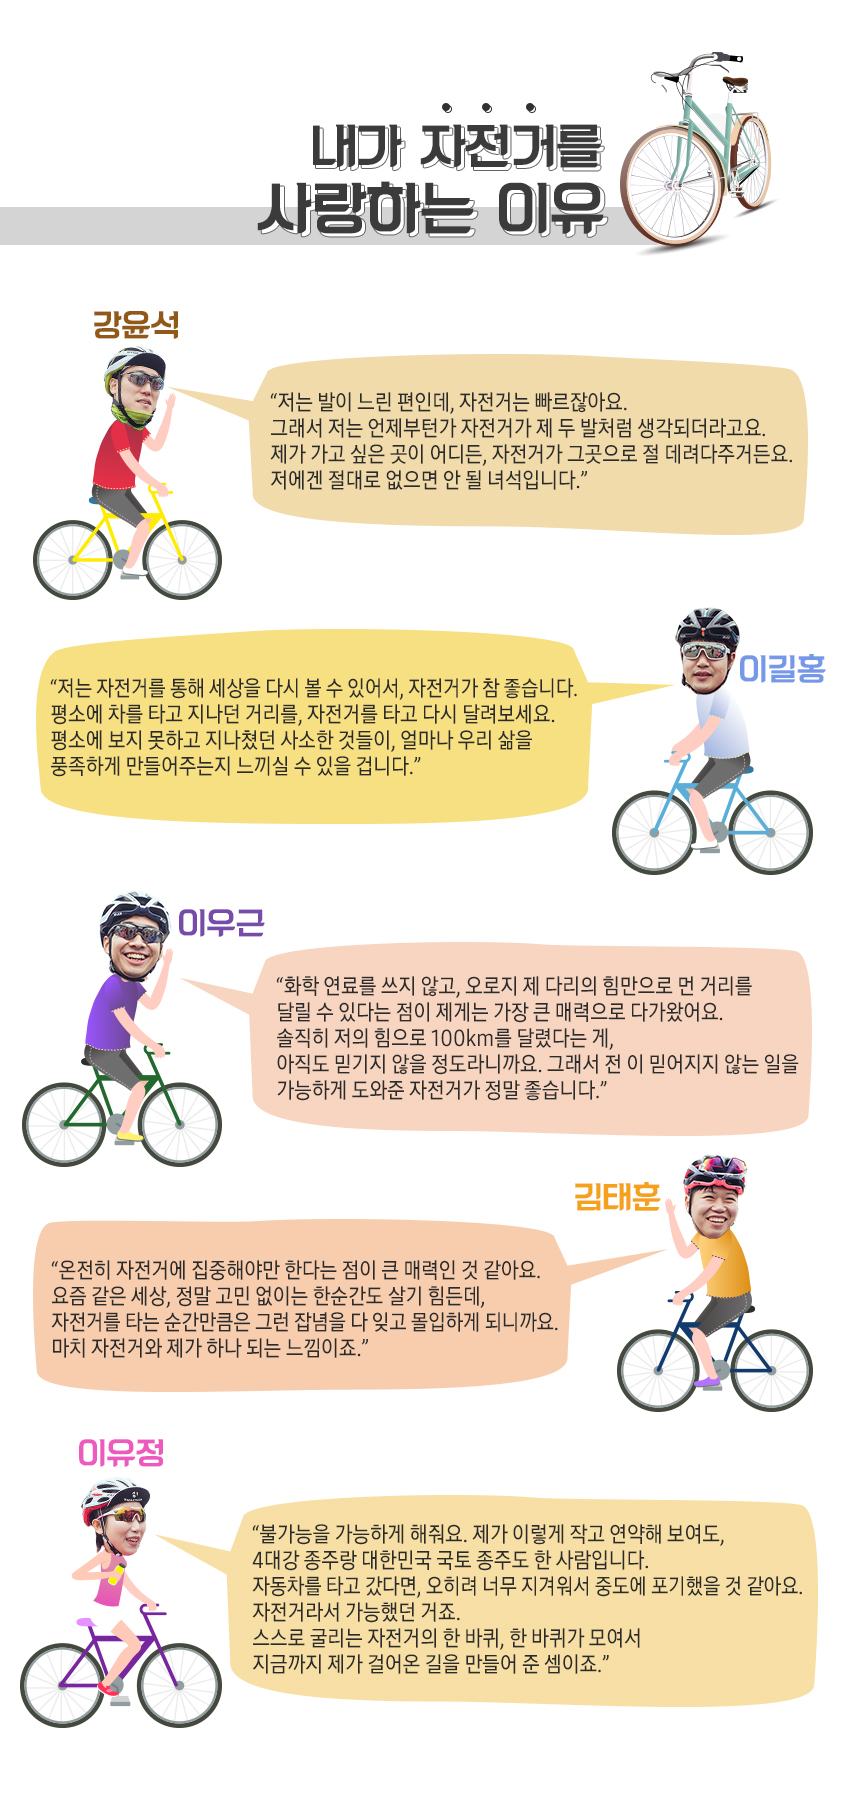 내가 자전거를 사랑하는 이유 / 강윤석